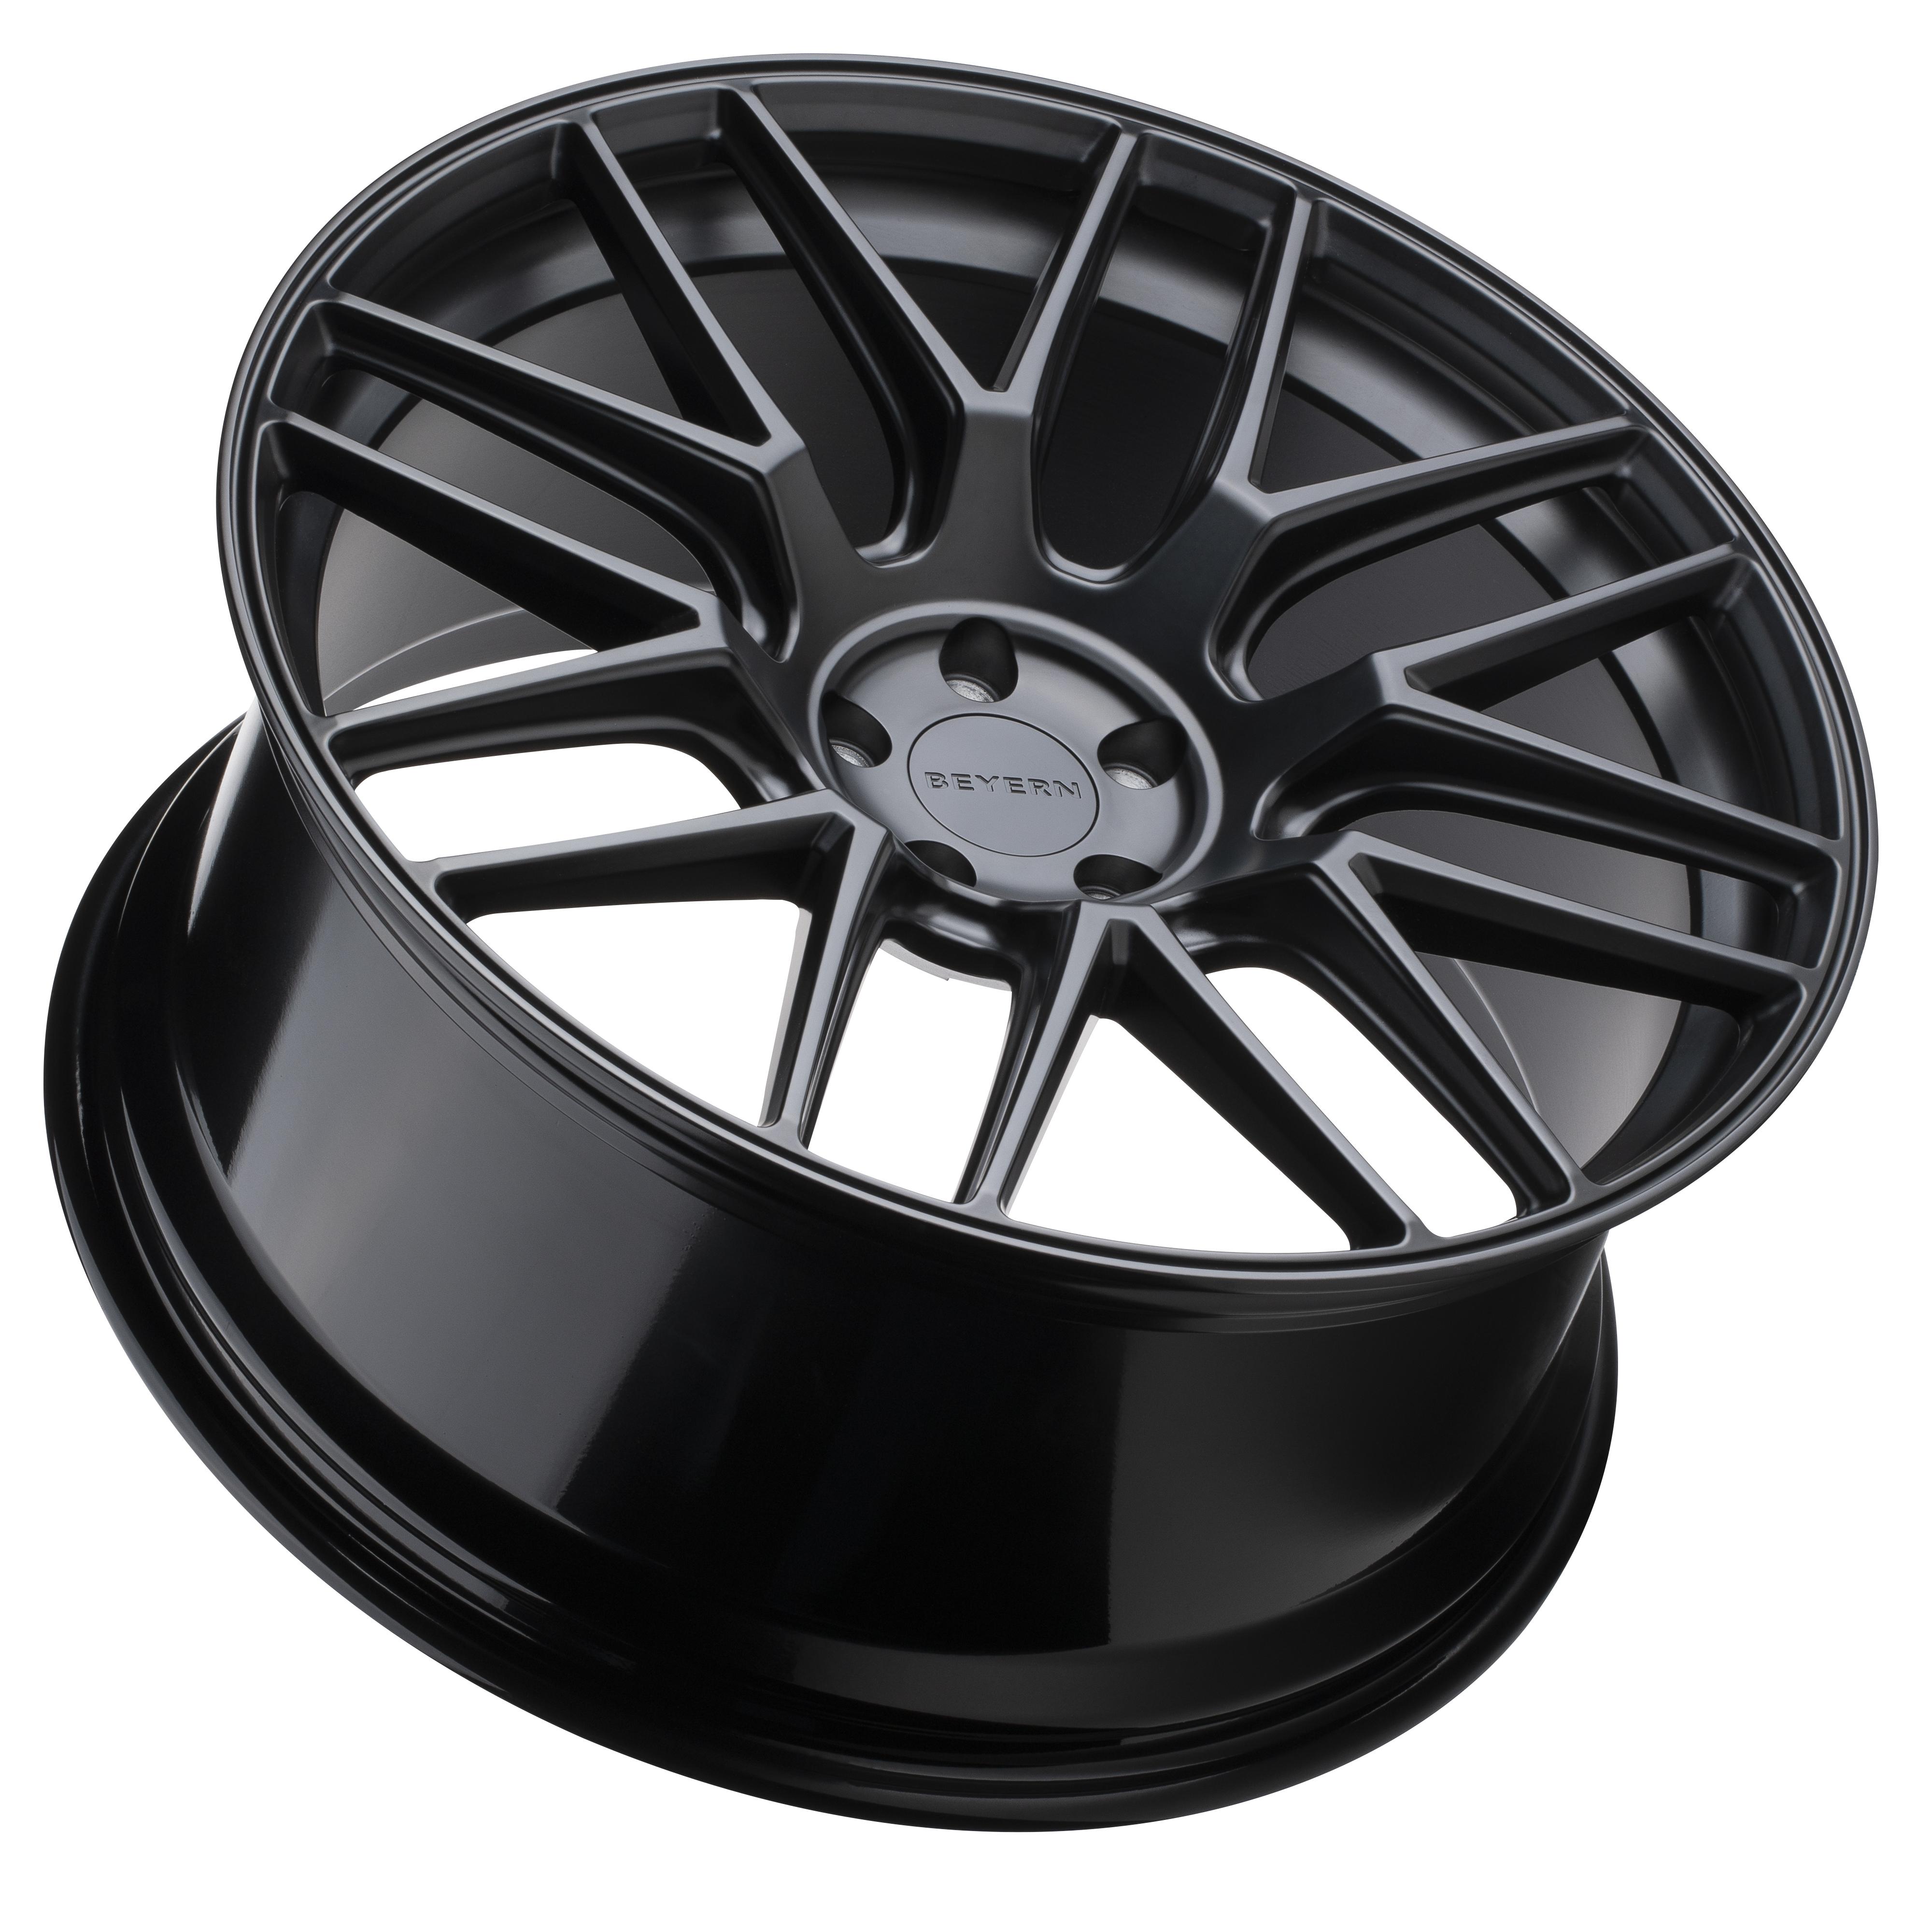 autobahn bmw wheels by beyern beyern wheels